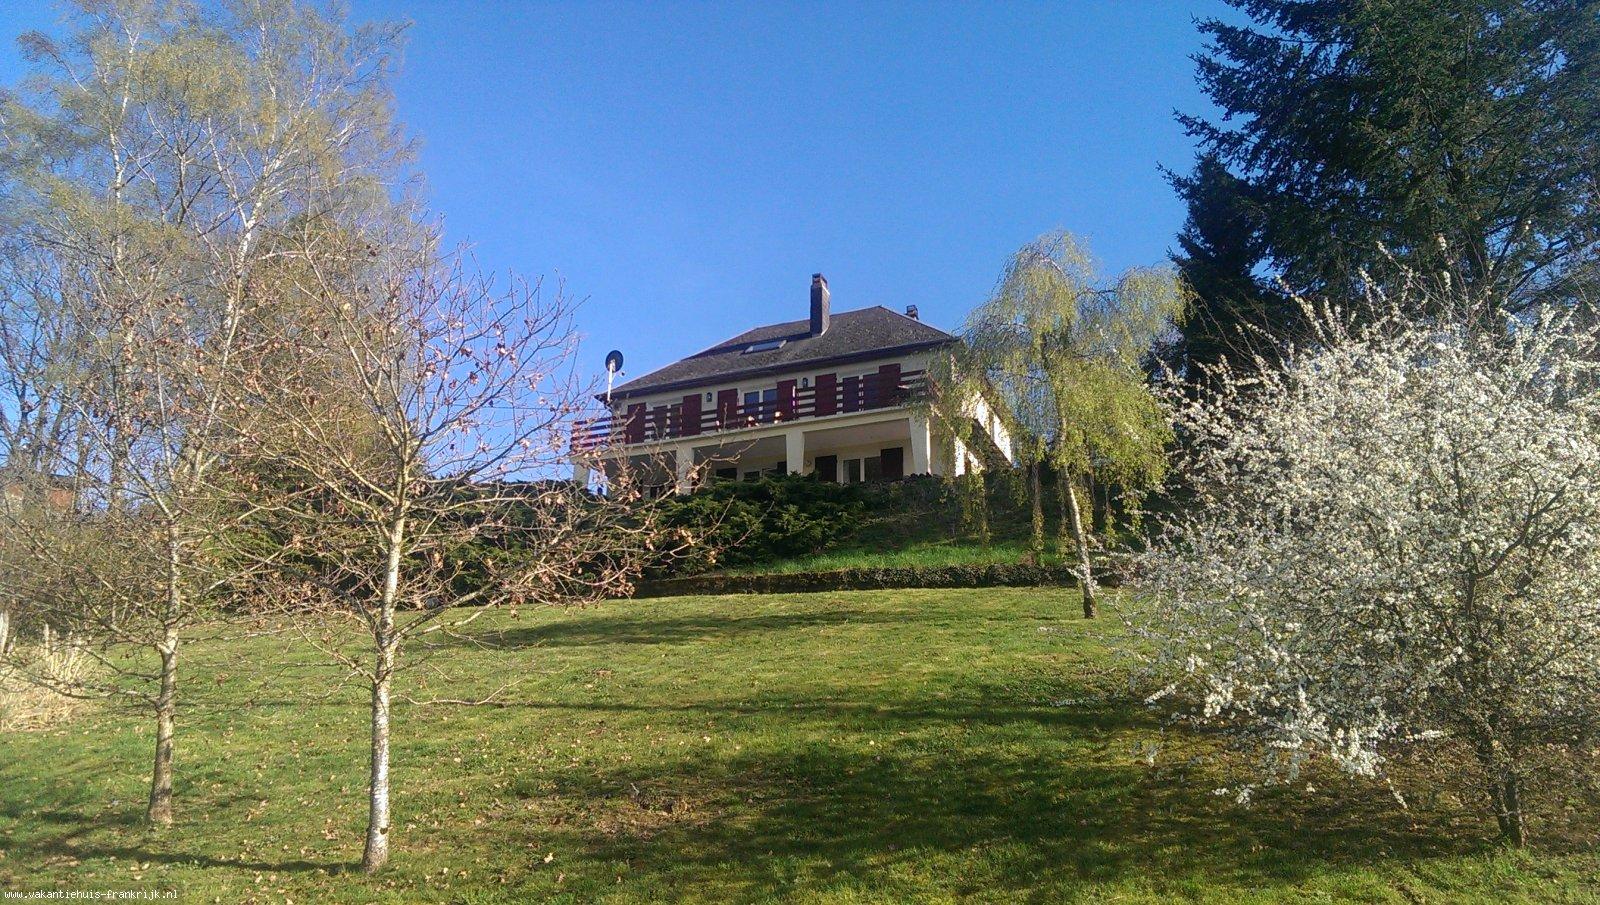 Vakantiehuis: La Source is een vakantiehuis met een geweldig uitzicht over de vallei. Bijzonder geschikt voor mensen die van rust en ruimte houden. te huur voor uw vakantie in Nievre (Frankrijk)